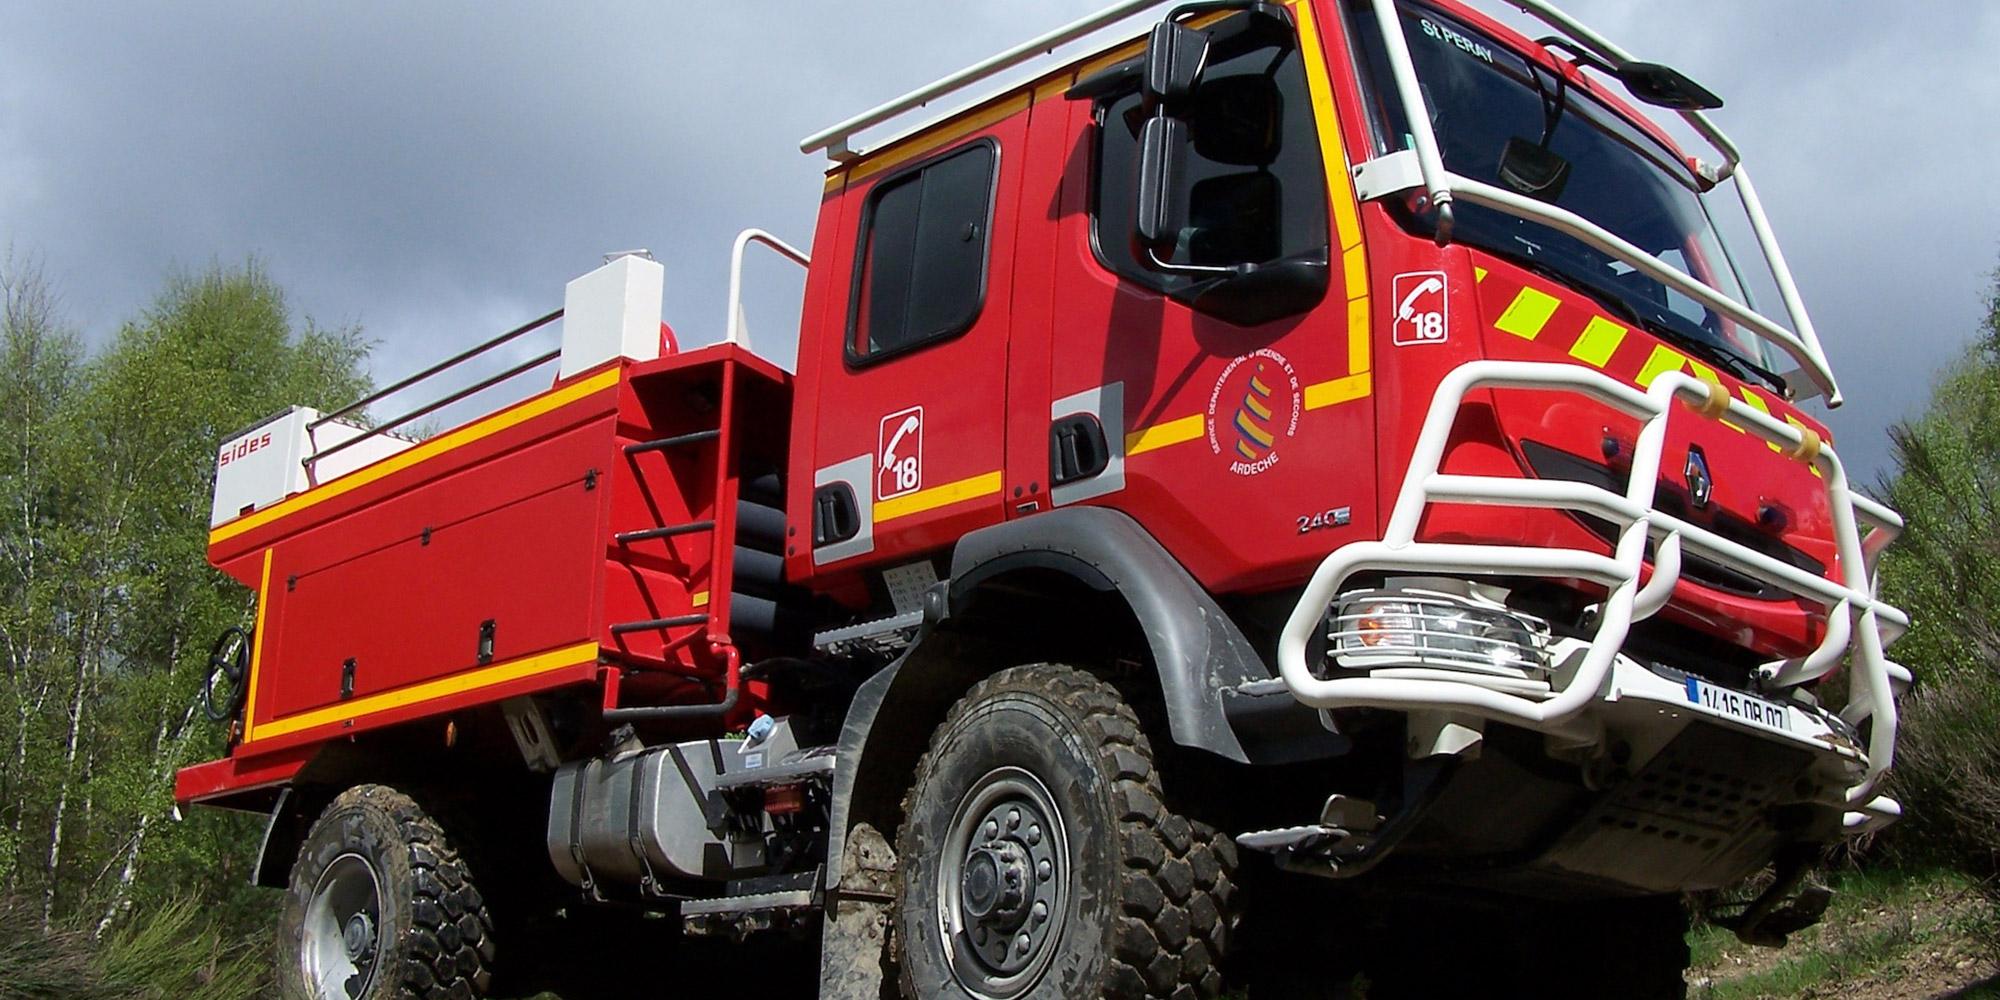 Sapeurs pompiers auto titre - Image camion pompier ...